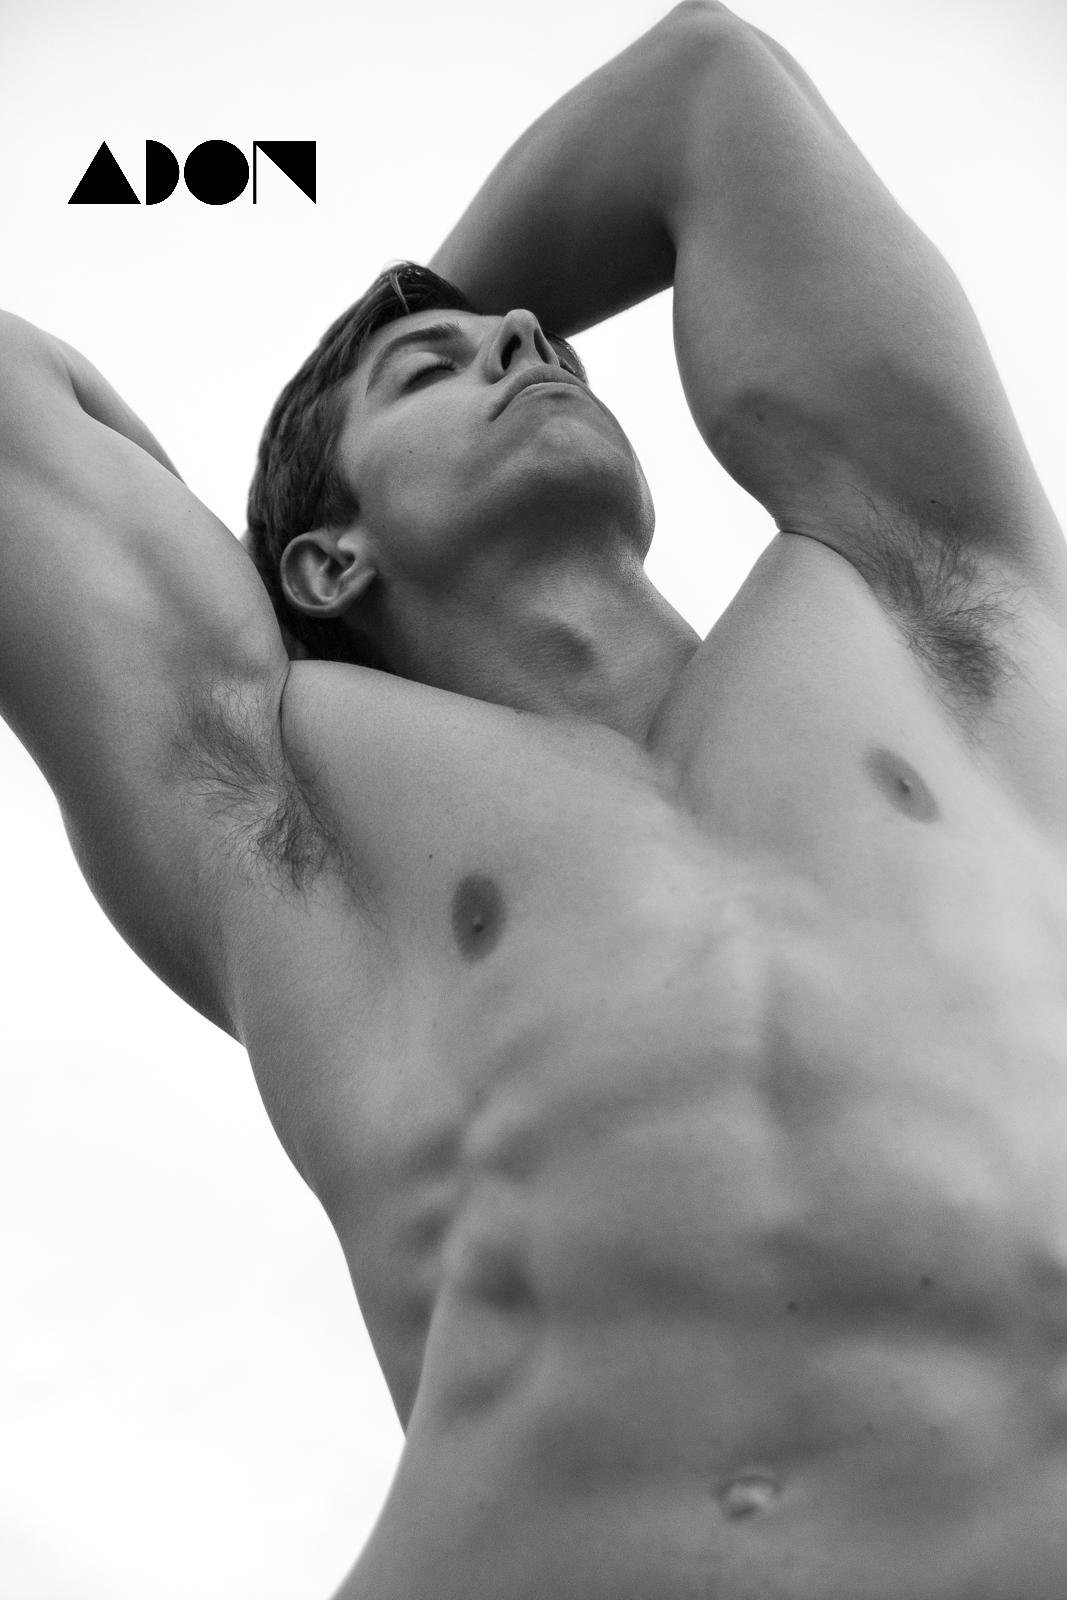 Adon Exclusive: Model Devon Ryan By Michael Porter